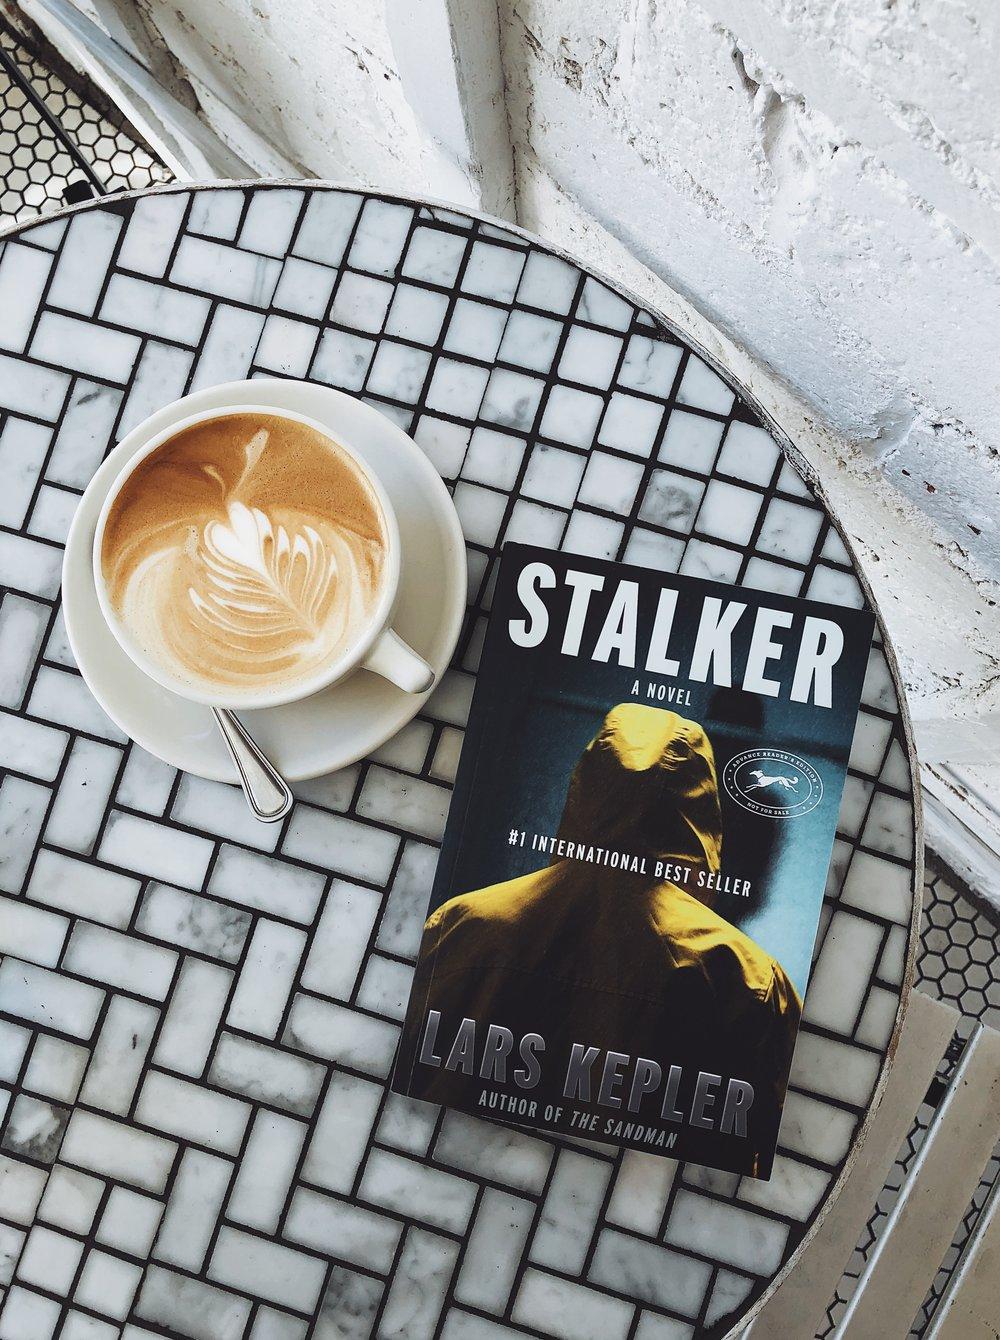 Stalker_Lars Kepler3.JPG